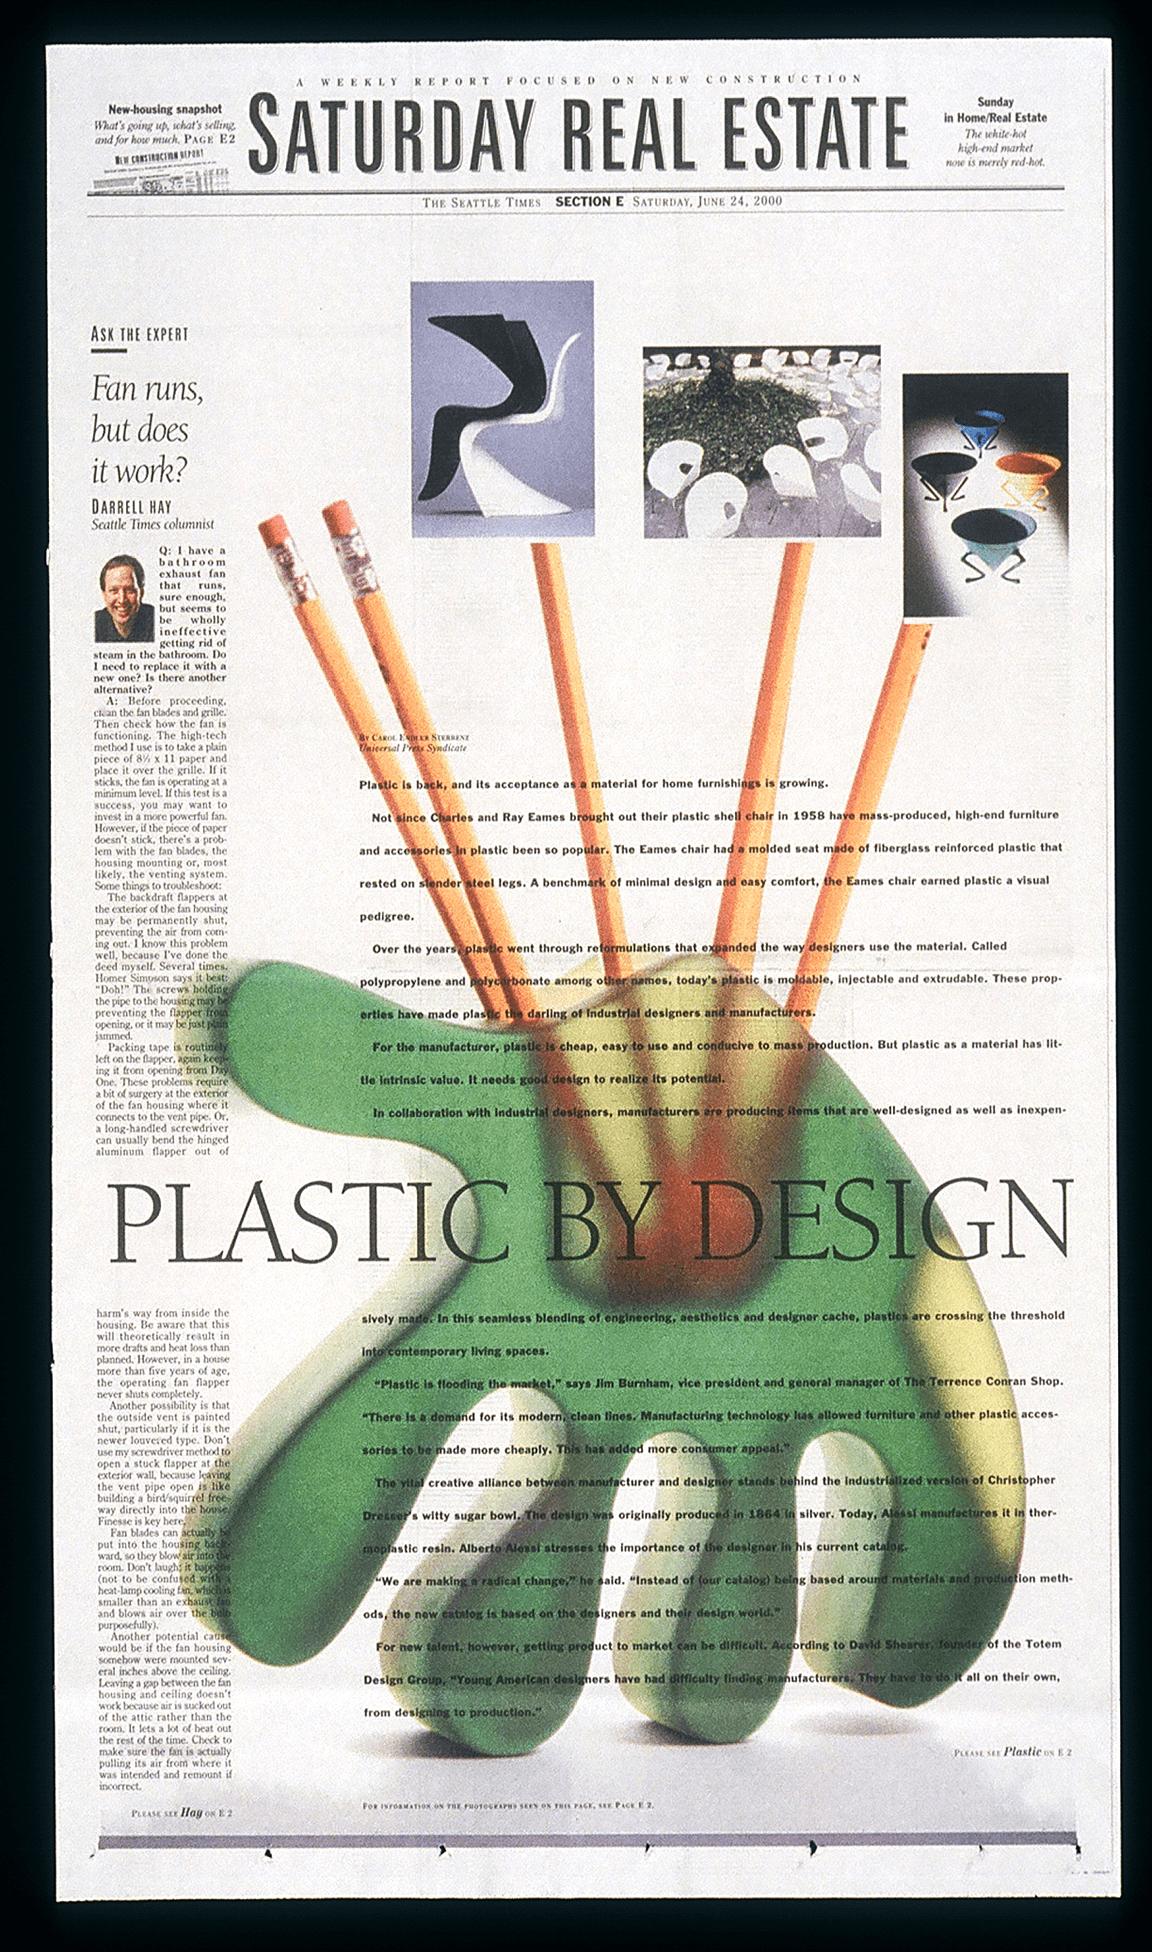 Plastic design.